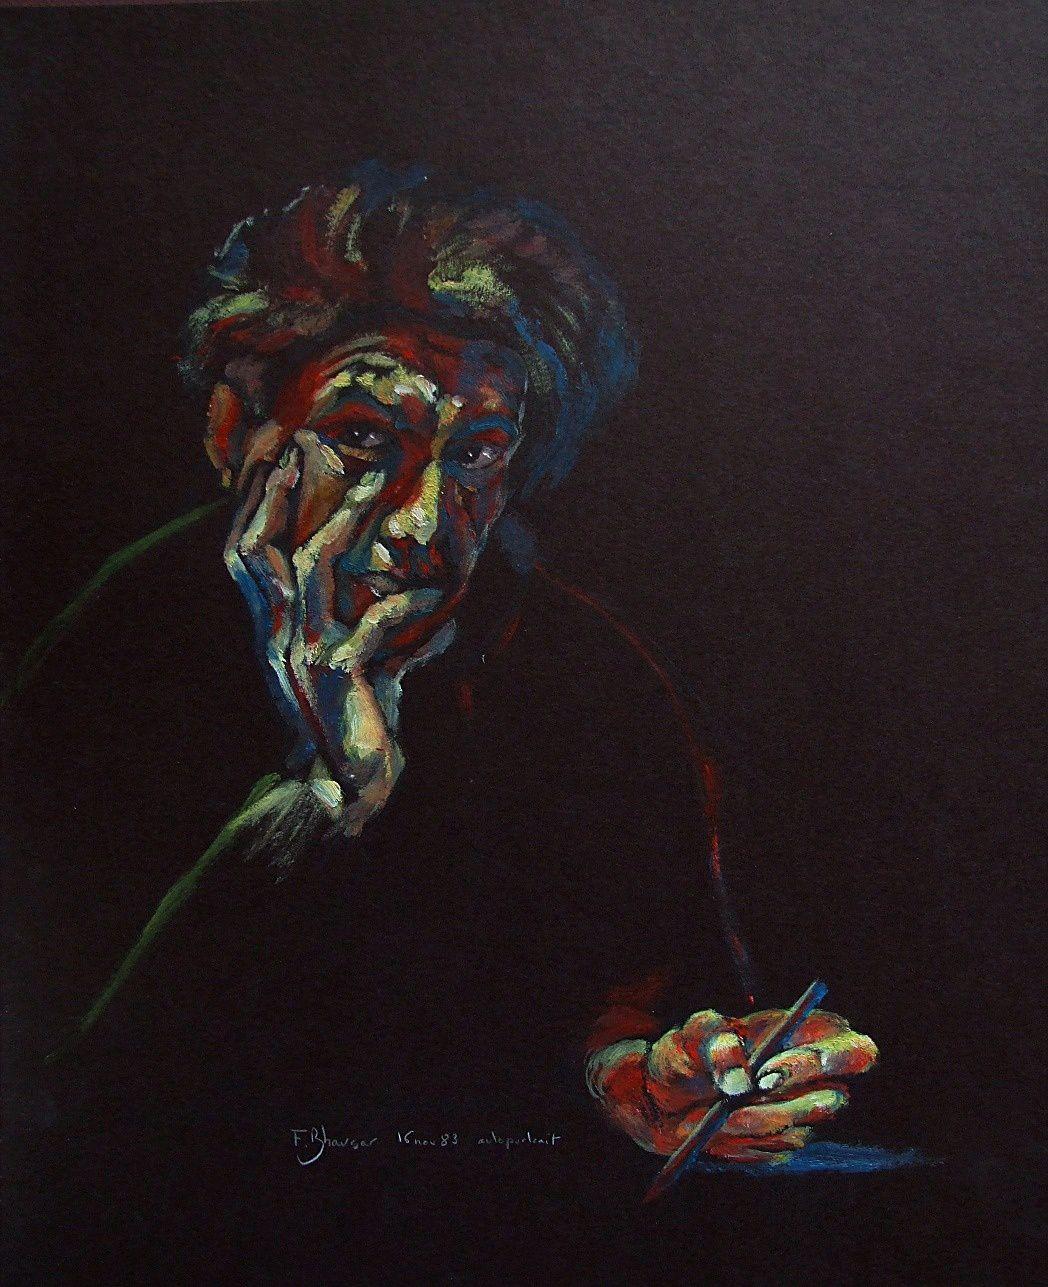 Autoportrait du peintre acrylique sur carton 1983